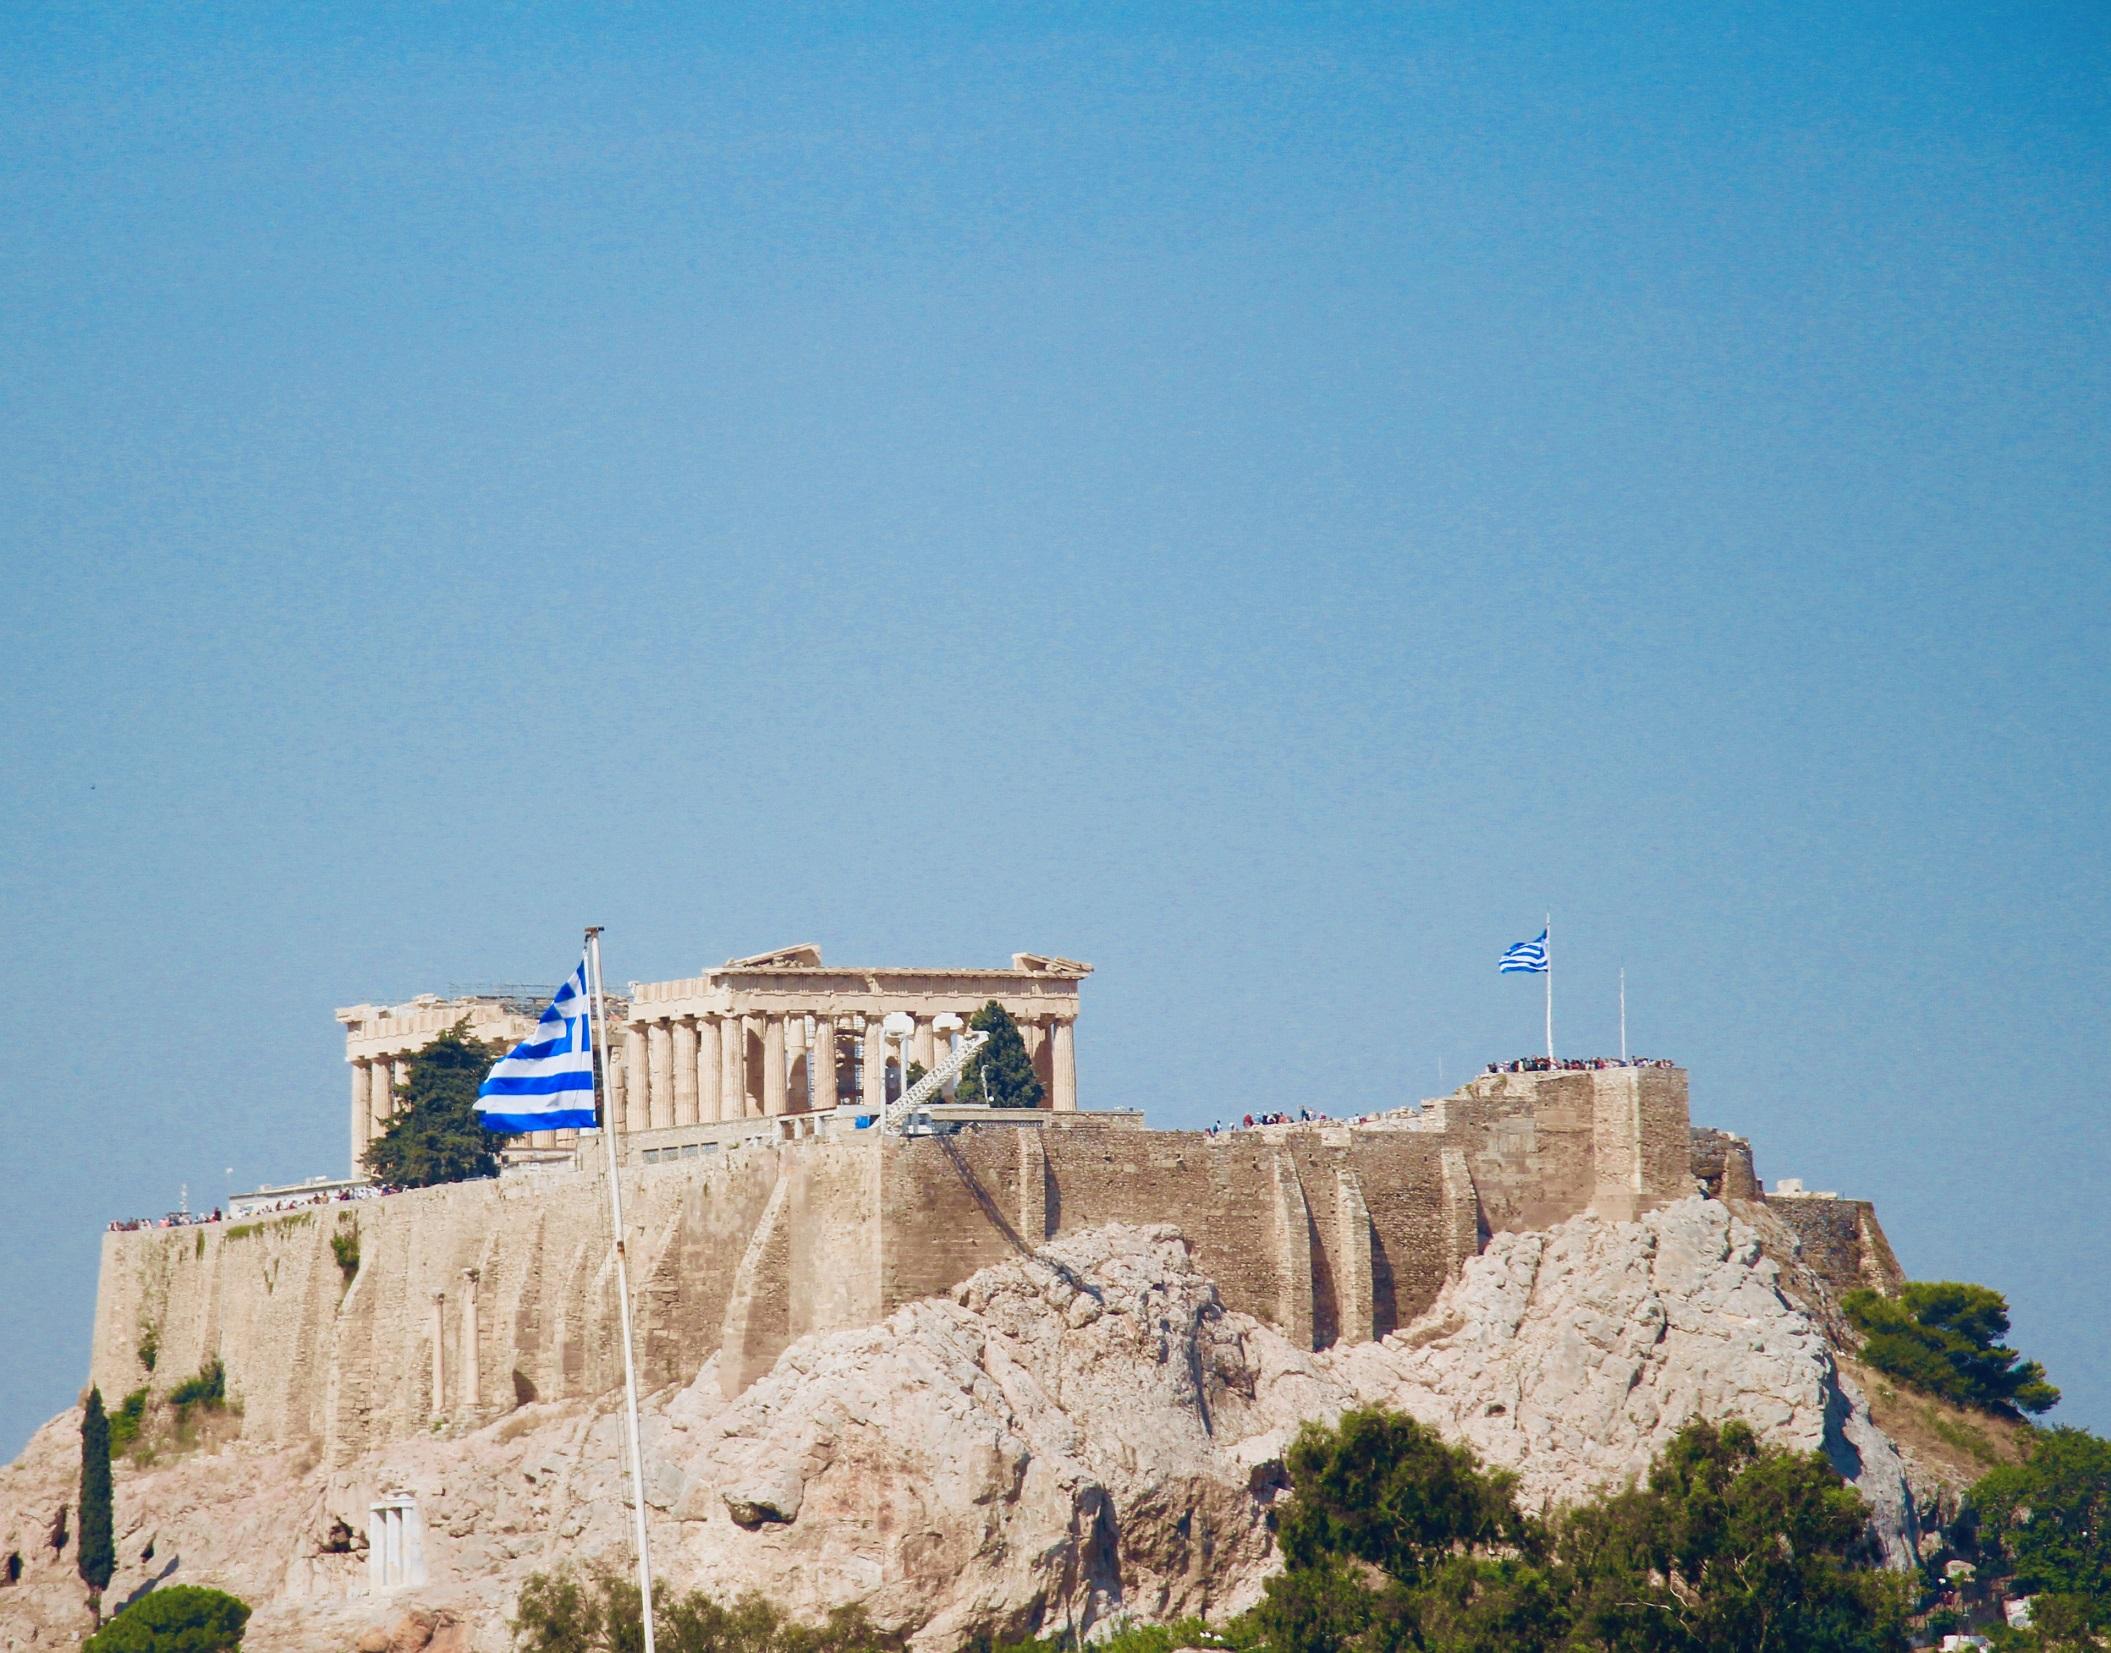 アクロポリス-アテネ-ギリシャ-撮影:劉雲昊2019.9.8